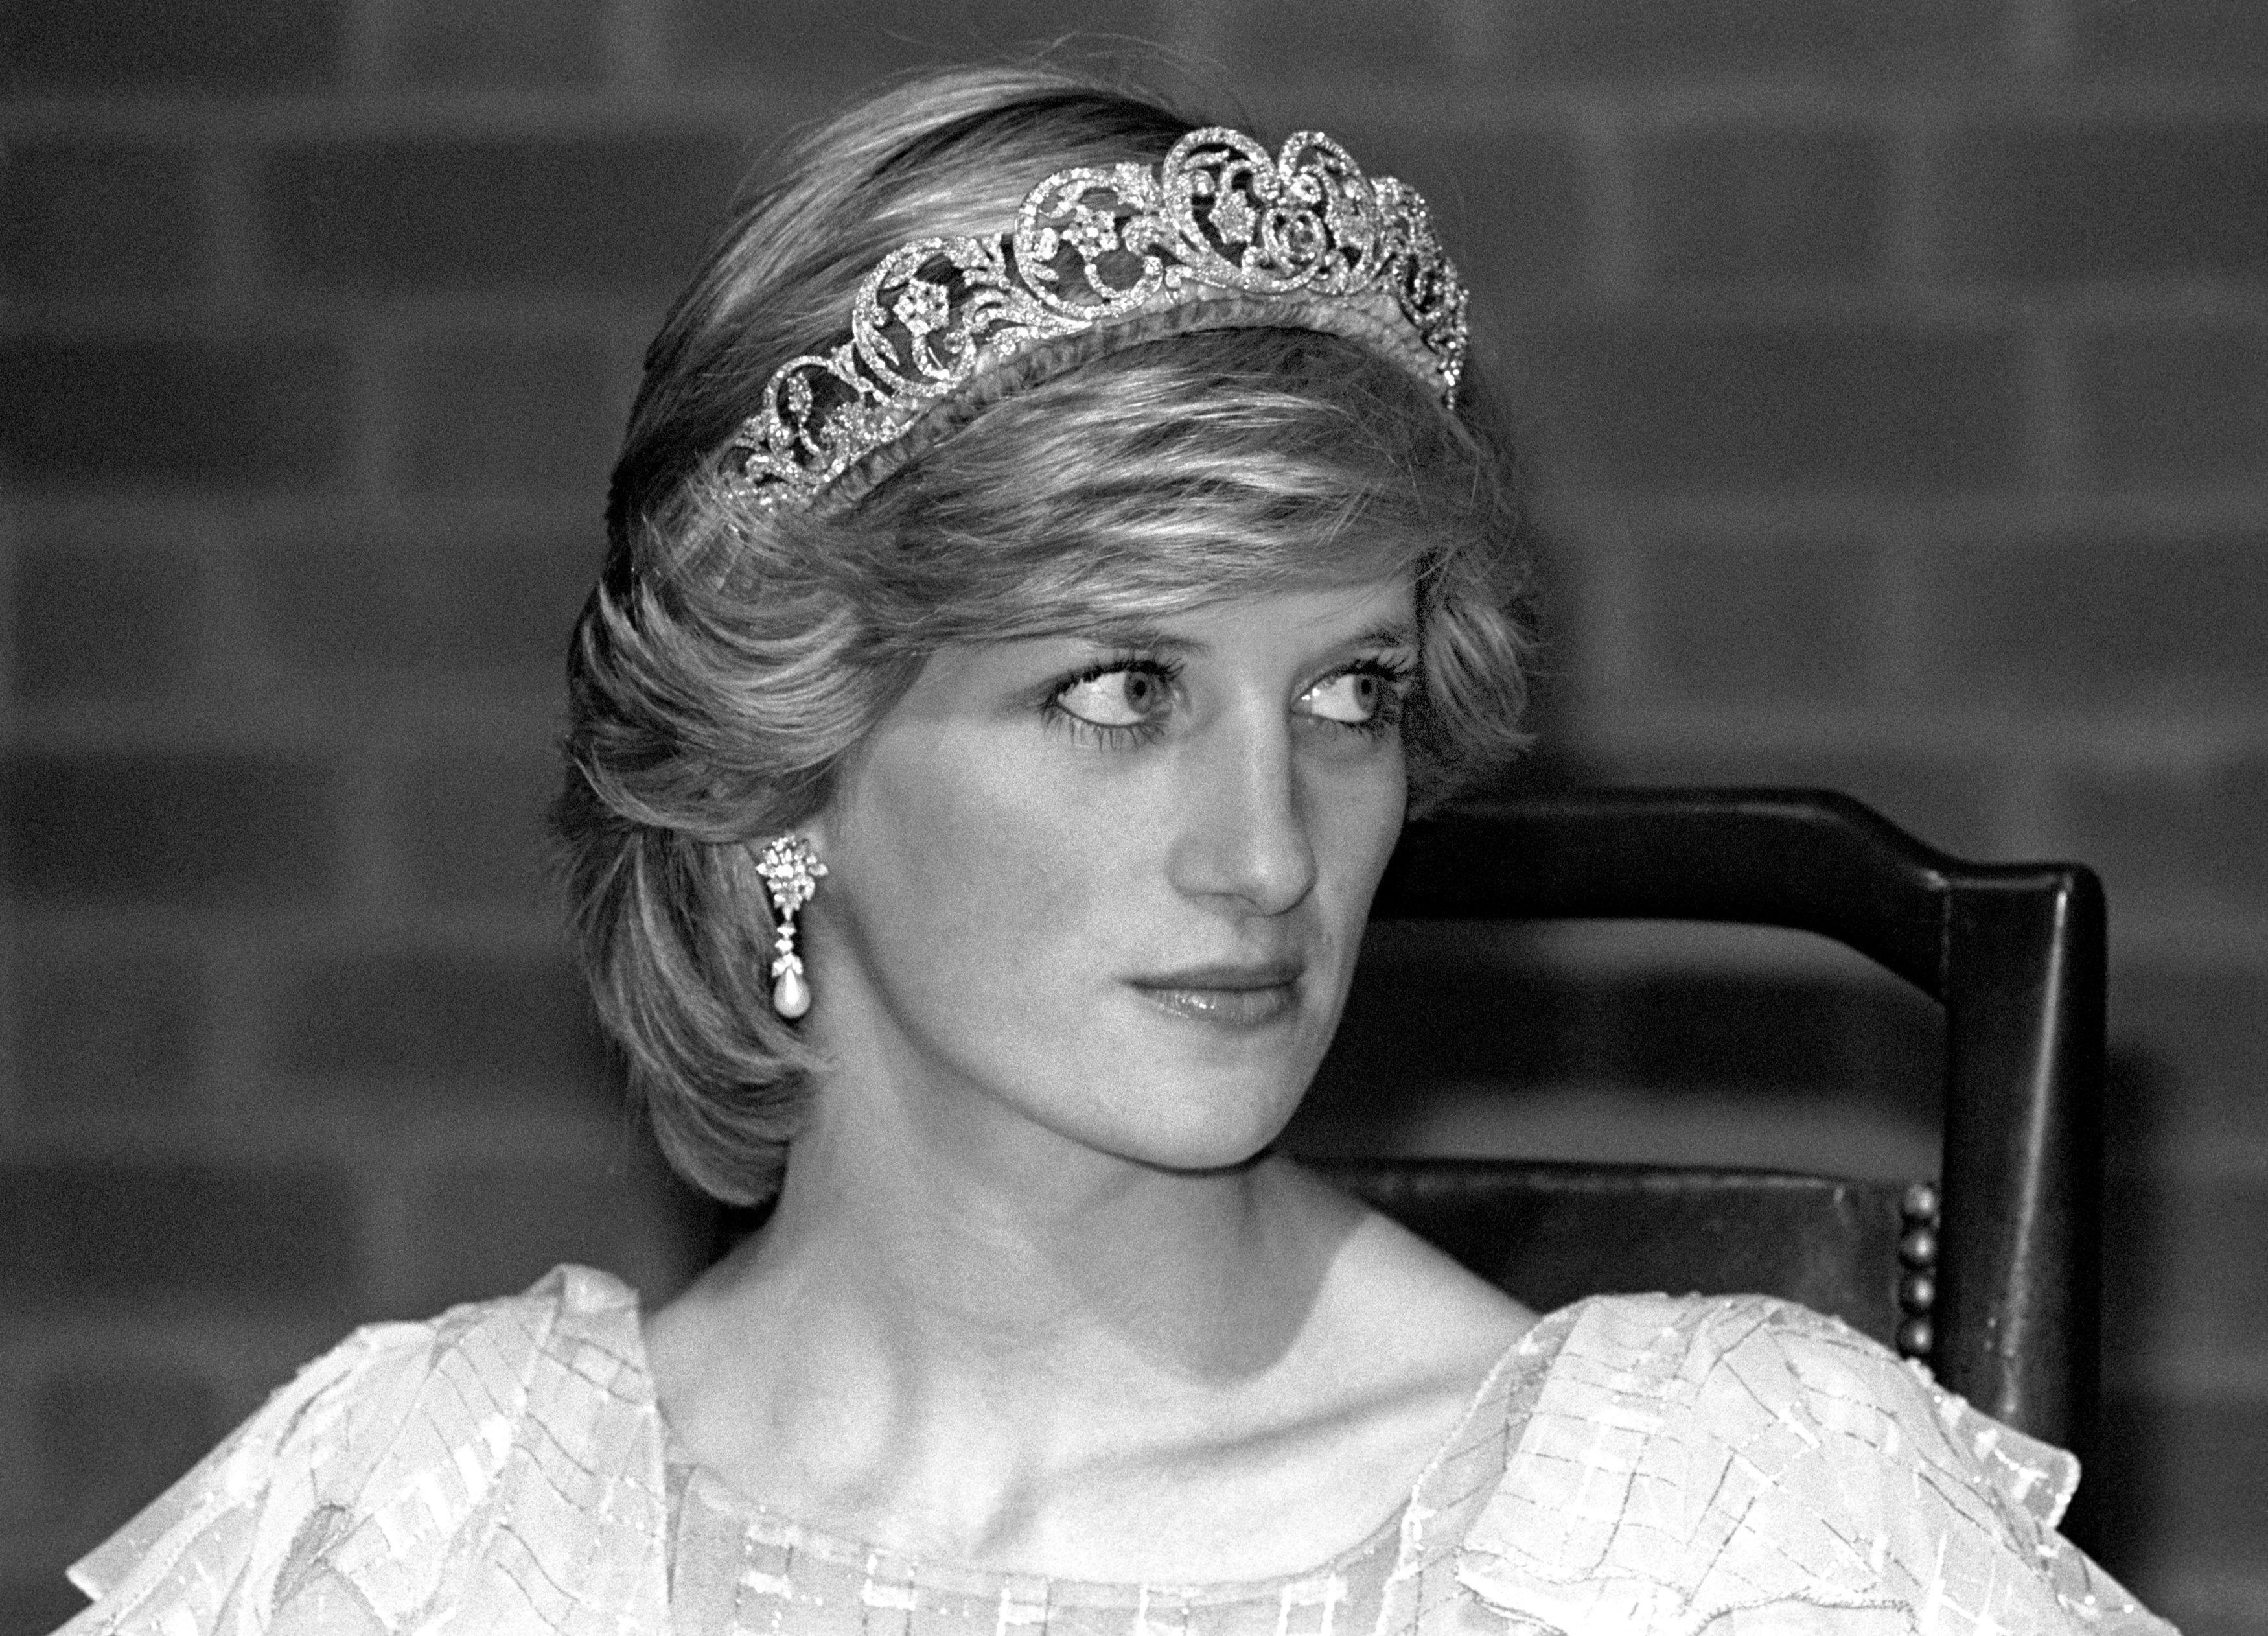 Иззнаменитого лондонского универмага уберут памятник принцессе Диане